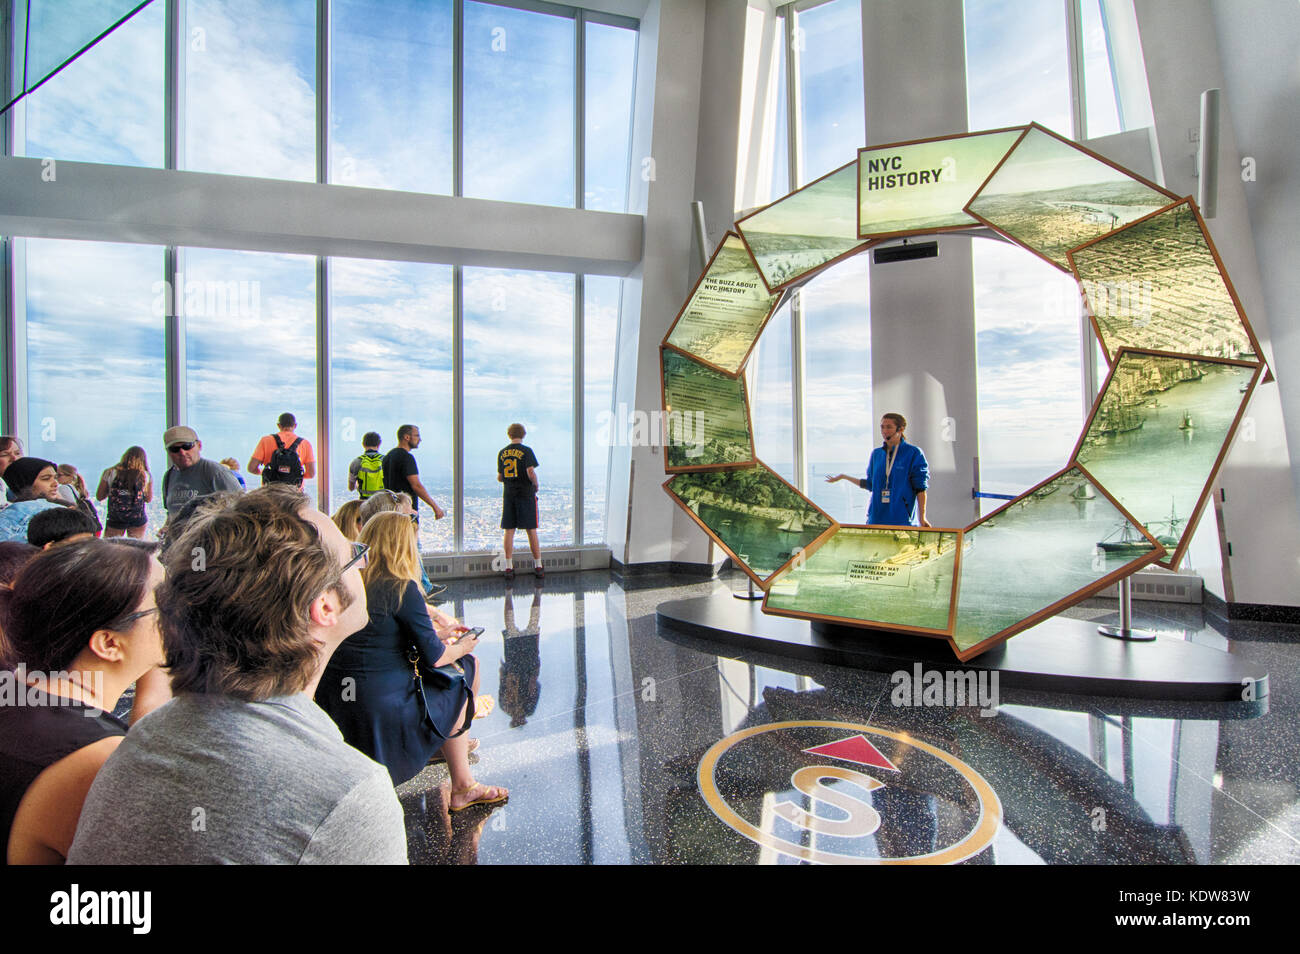 Una guida turistica educa i turisti sulla storia della città di New York ad un osservatorio mondiale, presso Immagini Stock